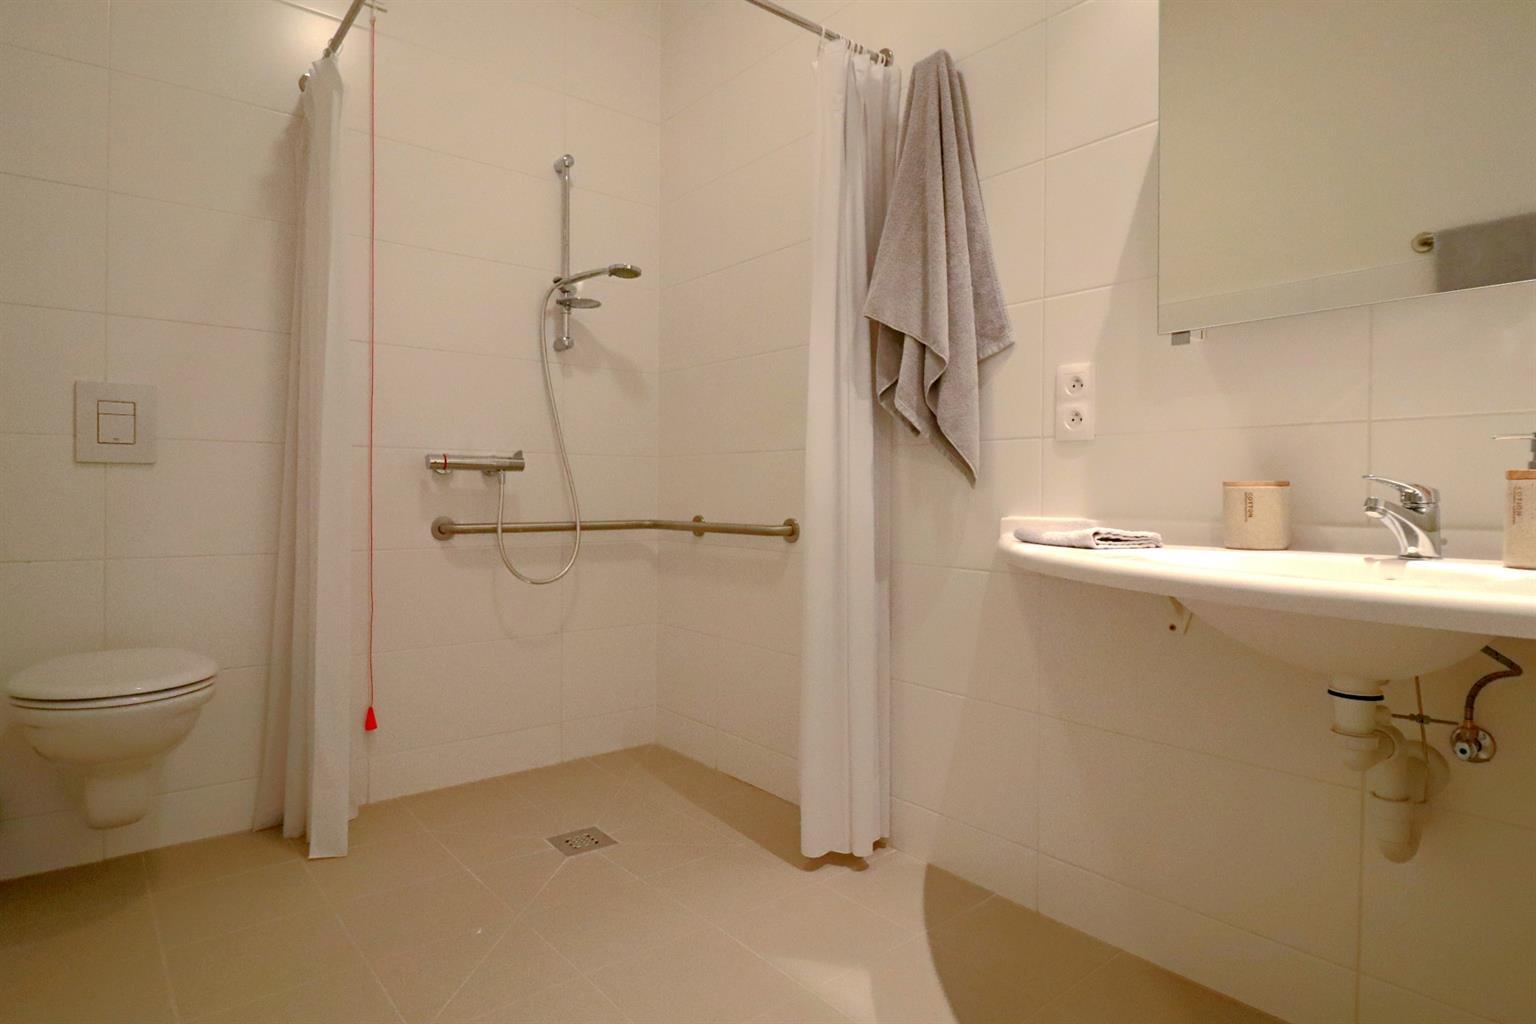 Appartement - Ottignies-Louvain-la-Neuve - #4406828-7